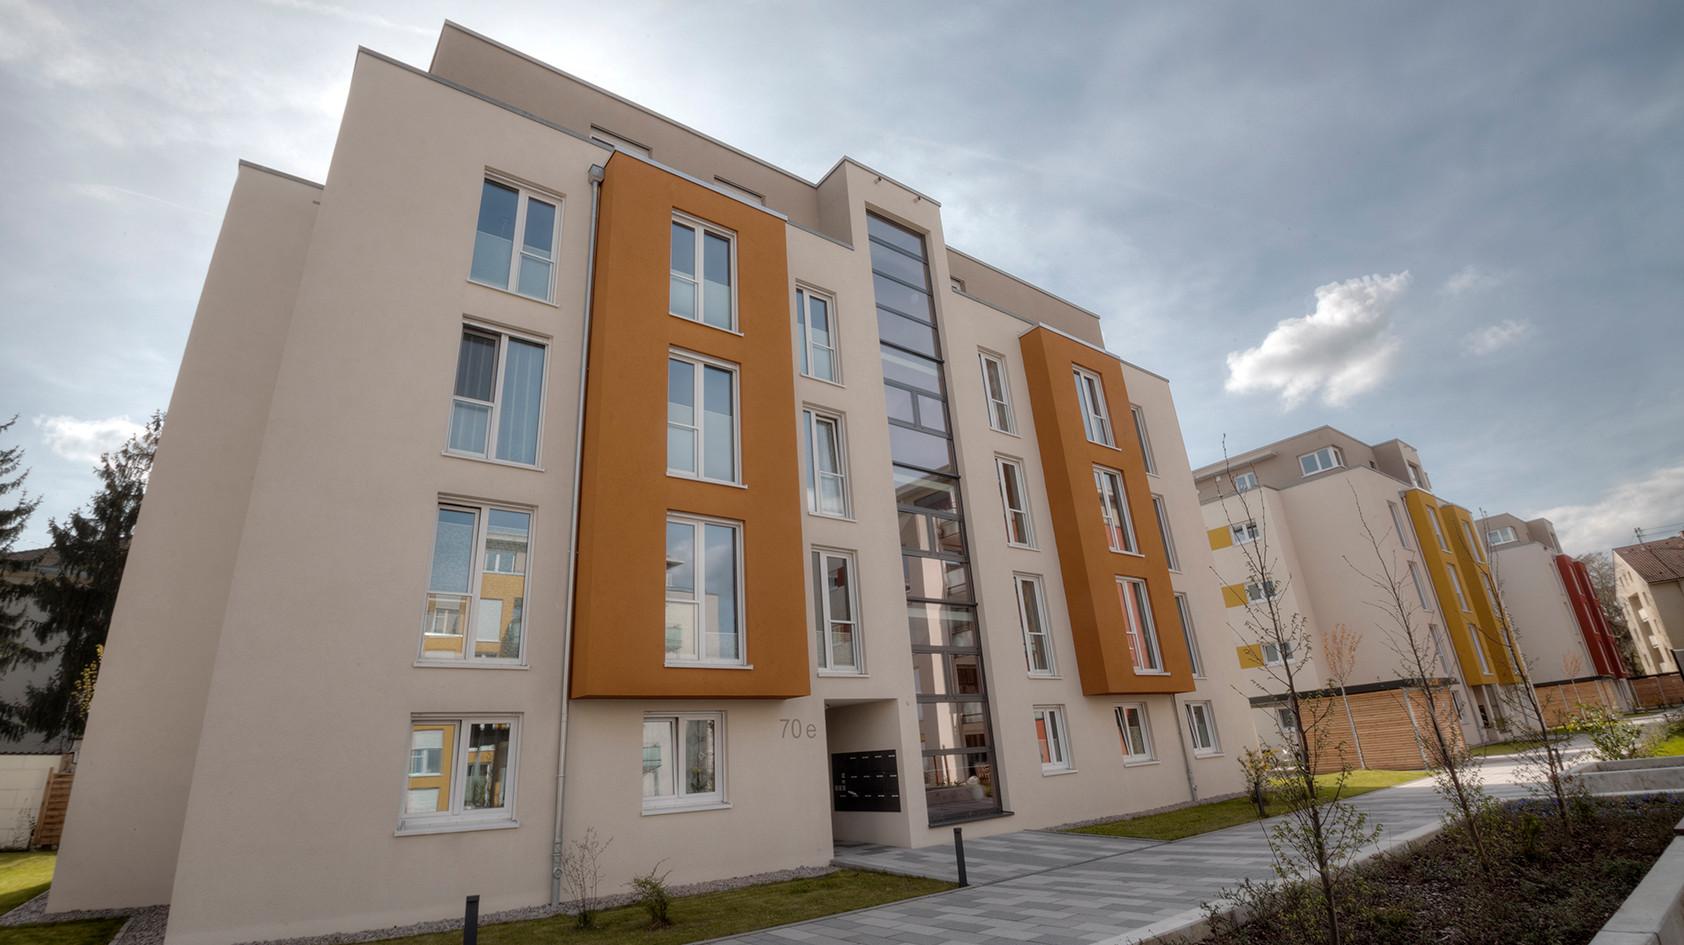 Immobilien Fotograf Karlsruhe